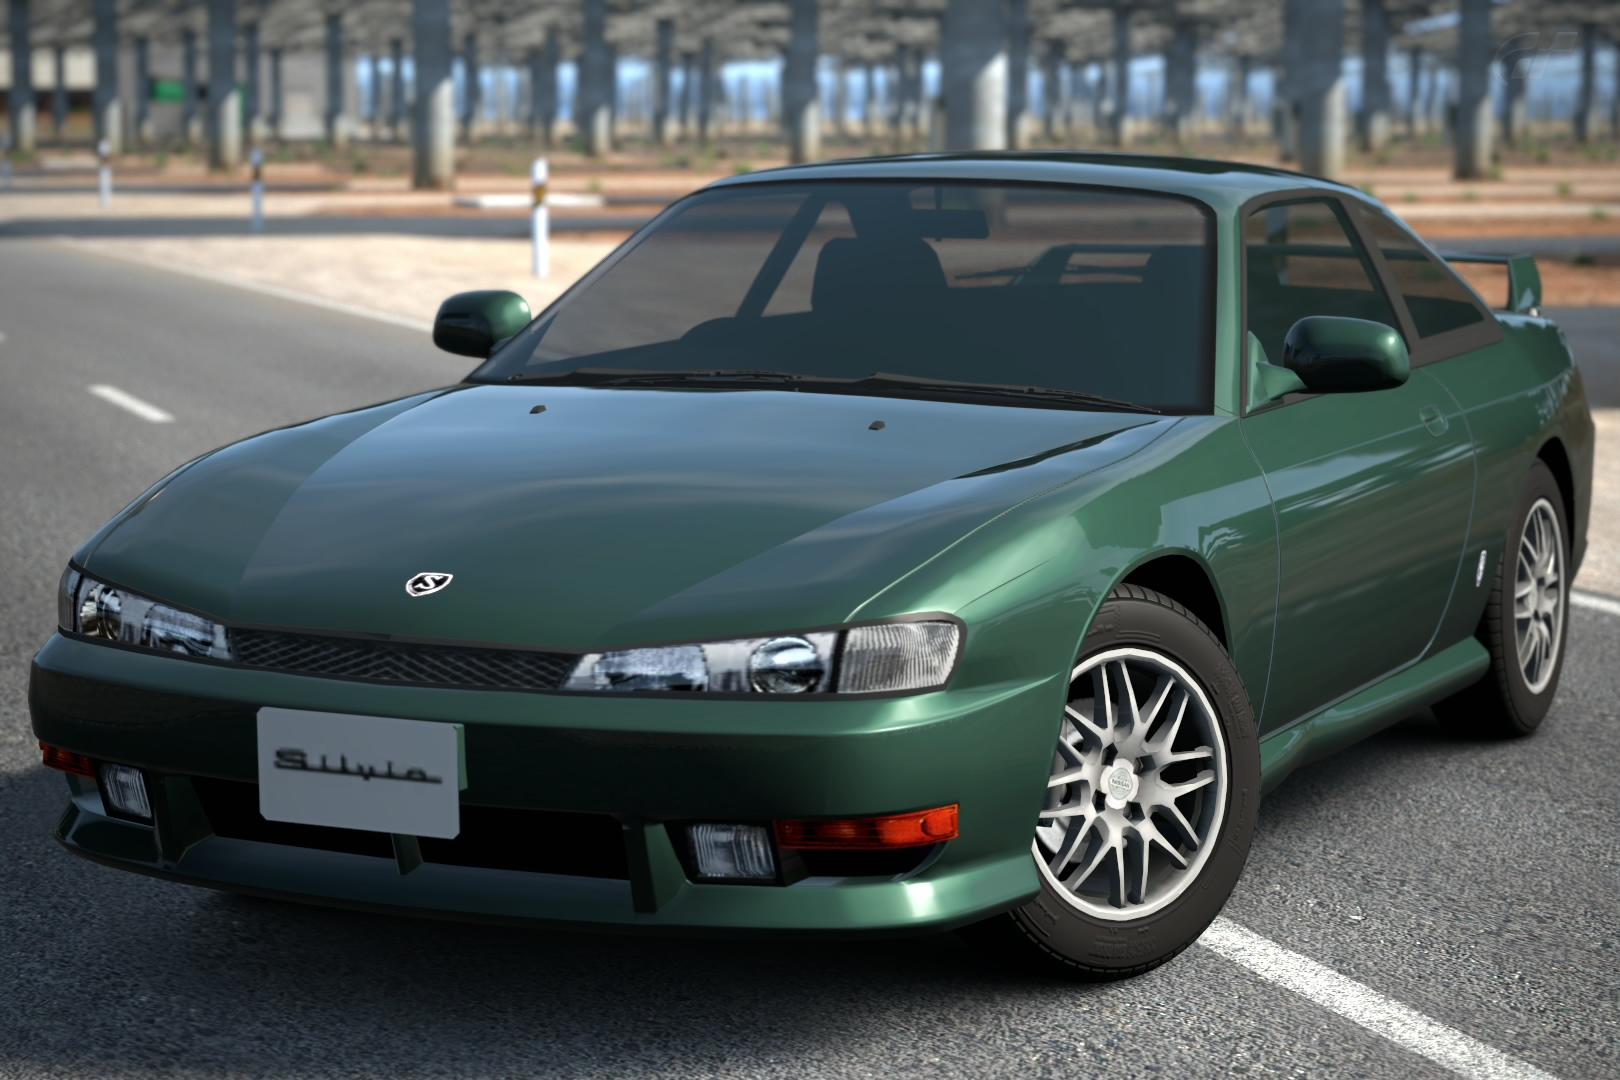 Nissan Silvia Q S Aero S14 96 Gran Turismo Wiki Fandom